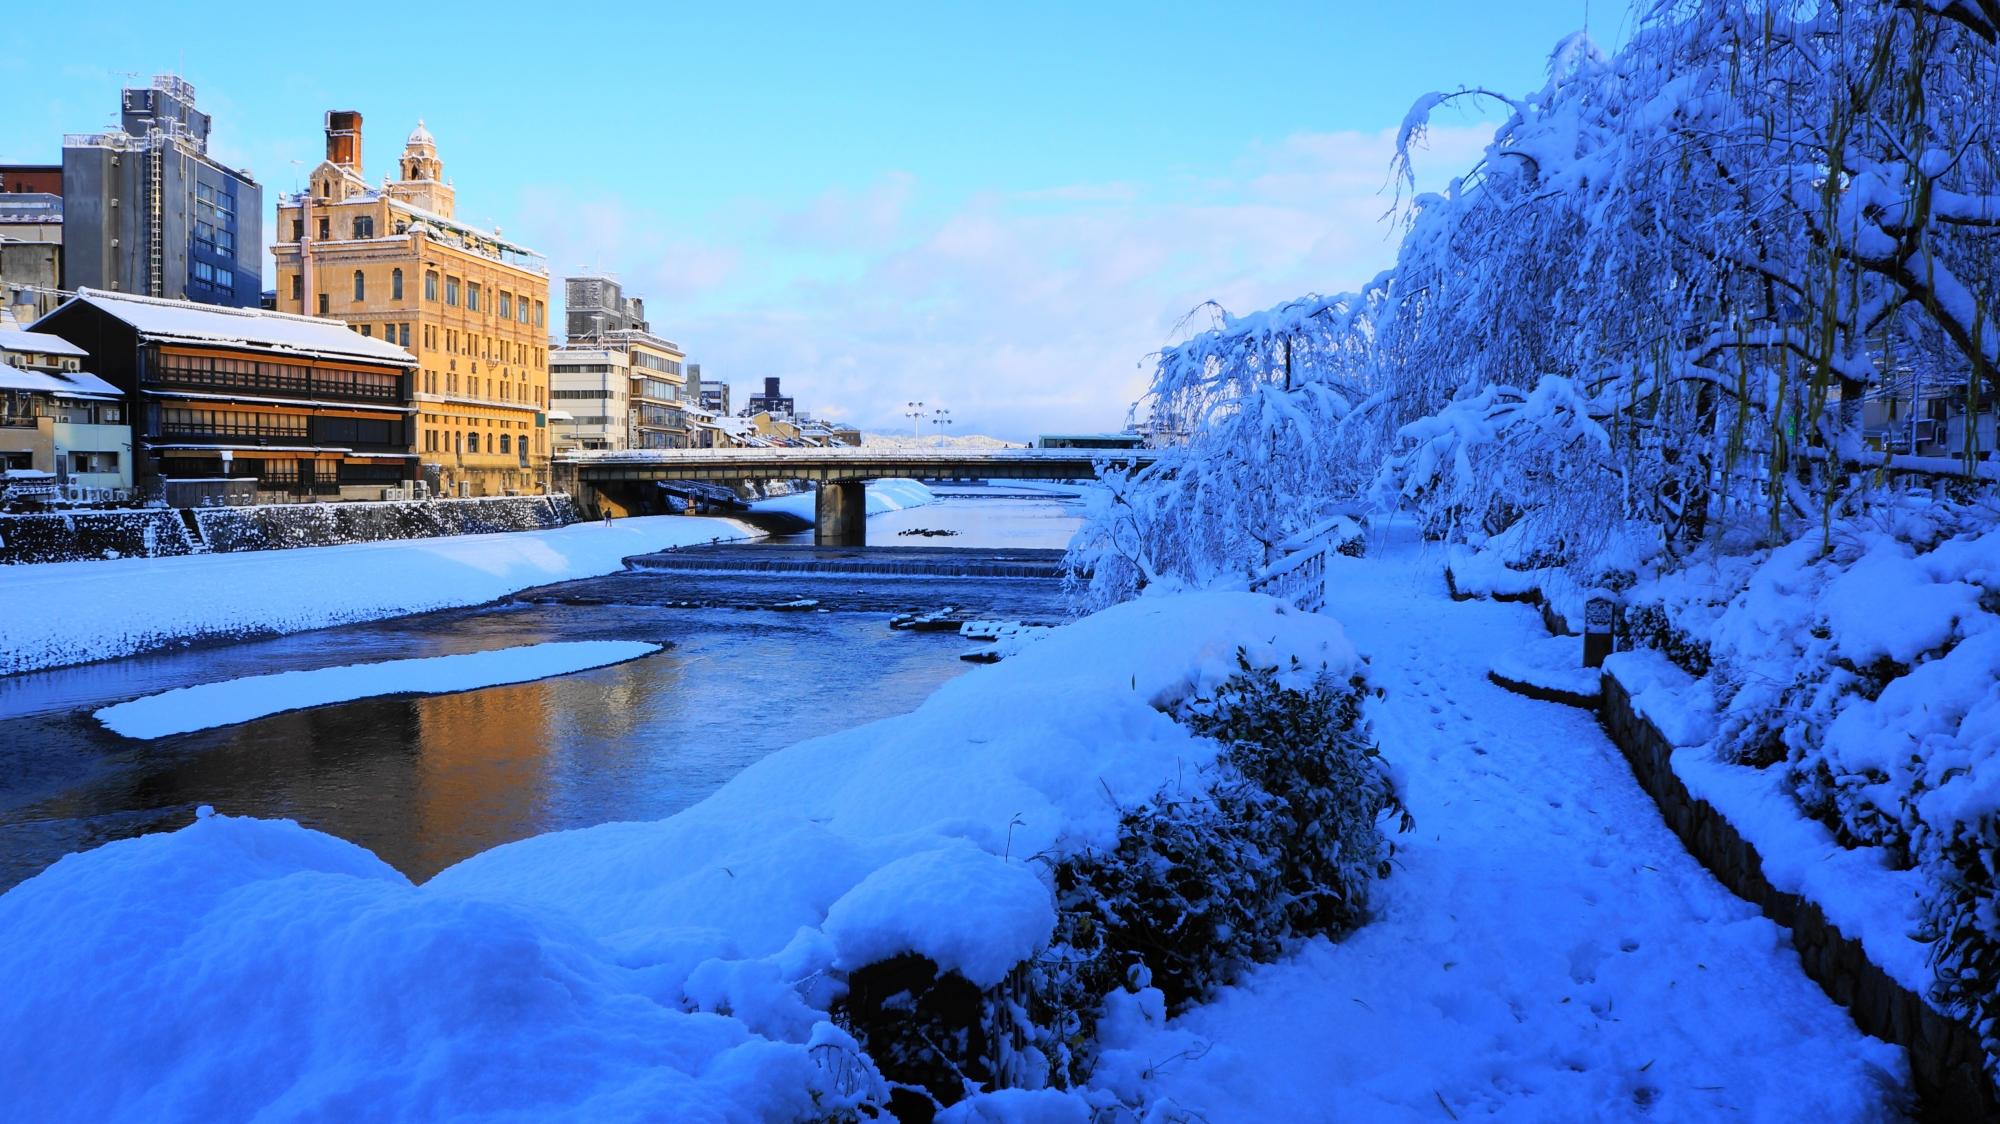 雪がてんこ盛りの鴨川